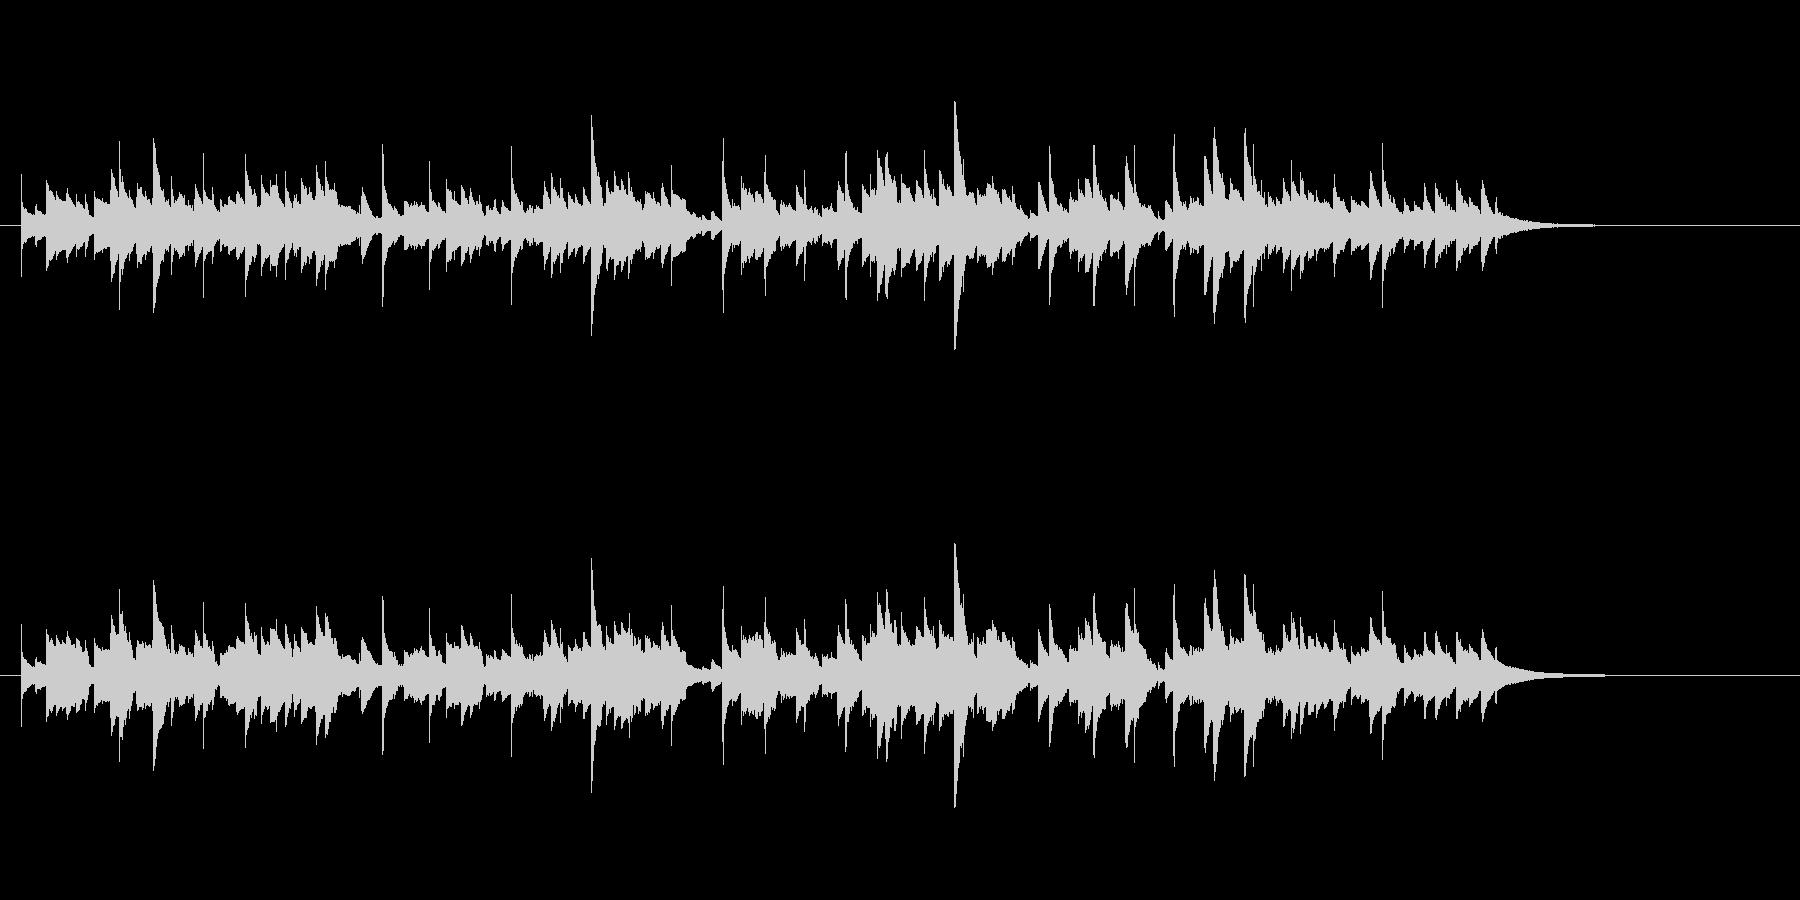 ウクレレ1本のみ(アルペジオ系メロディ)の未再生の波形